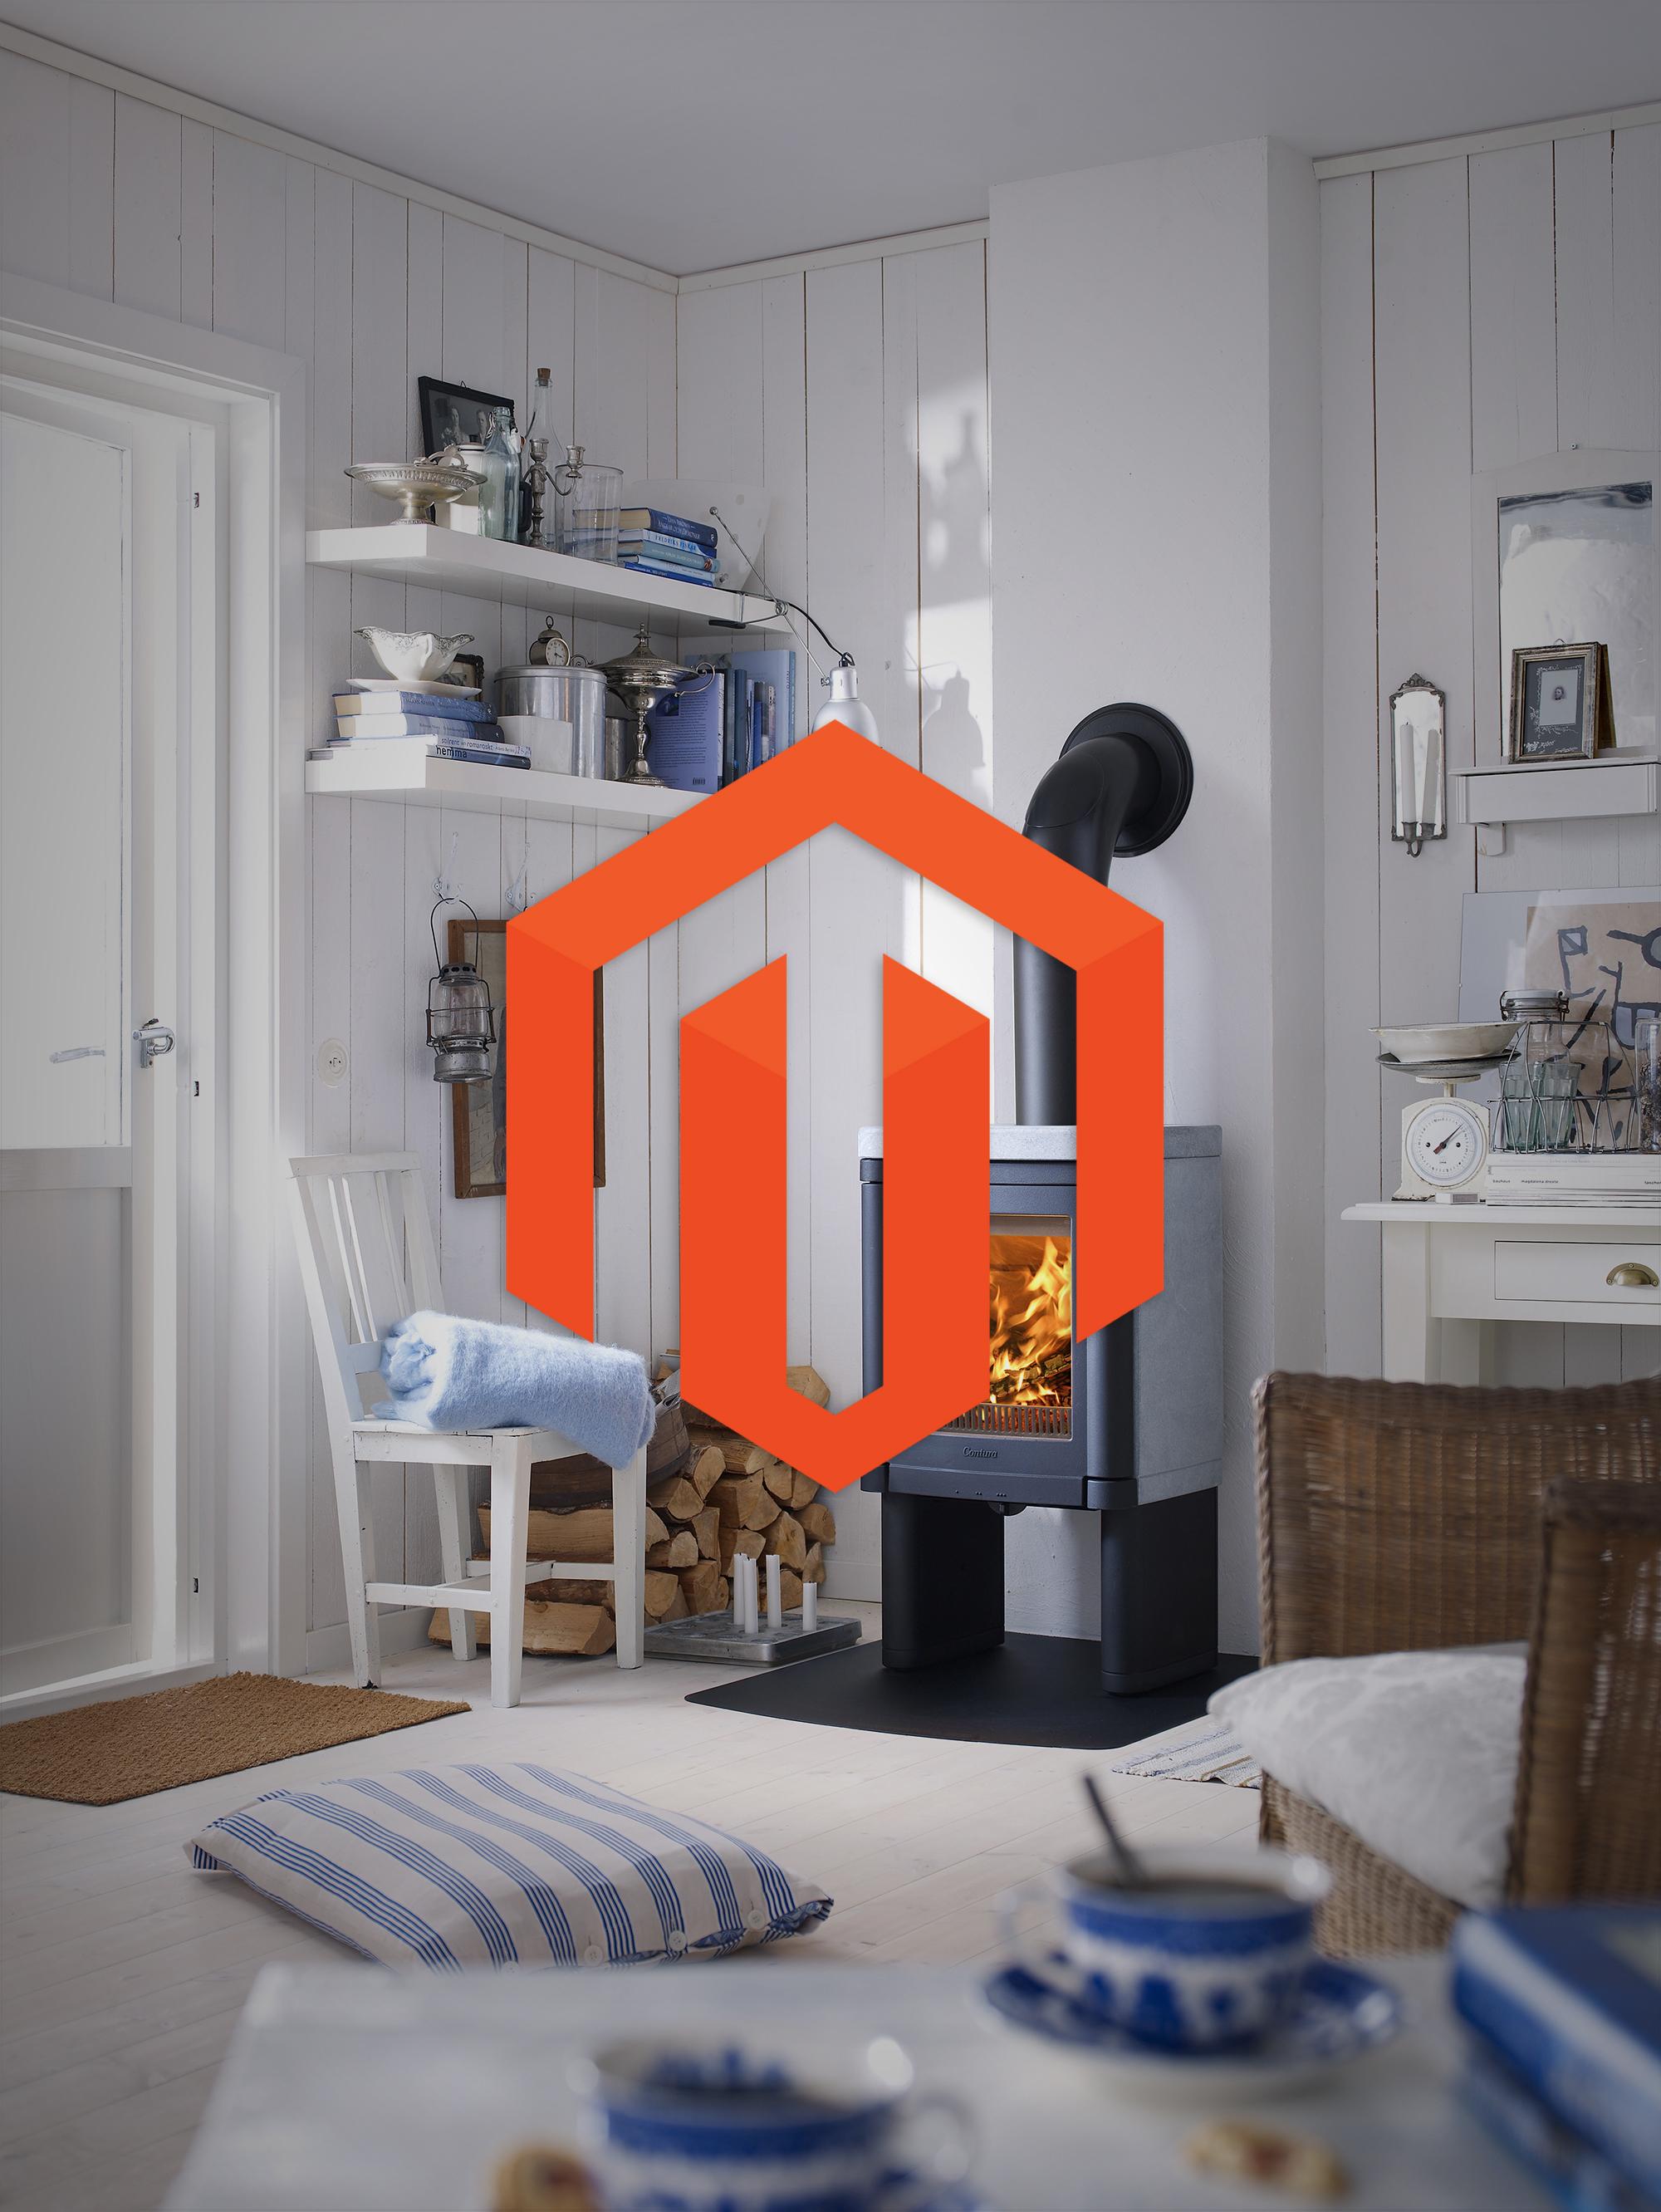 contura 35t l g contura t ljstenskaminer t ljstenskaminer brasv rme. Black Bedroom Furniture Sets. Home Design Ideas